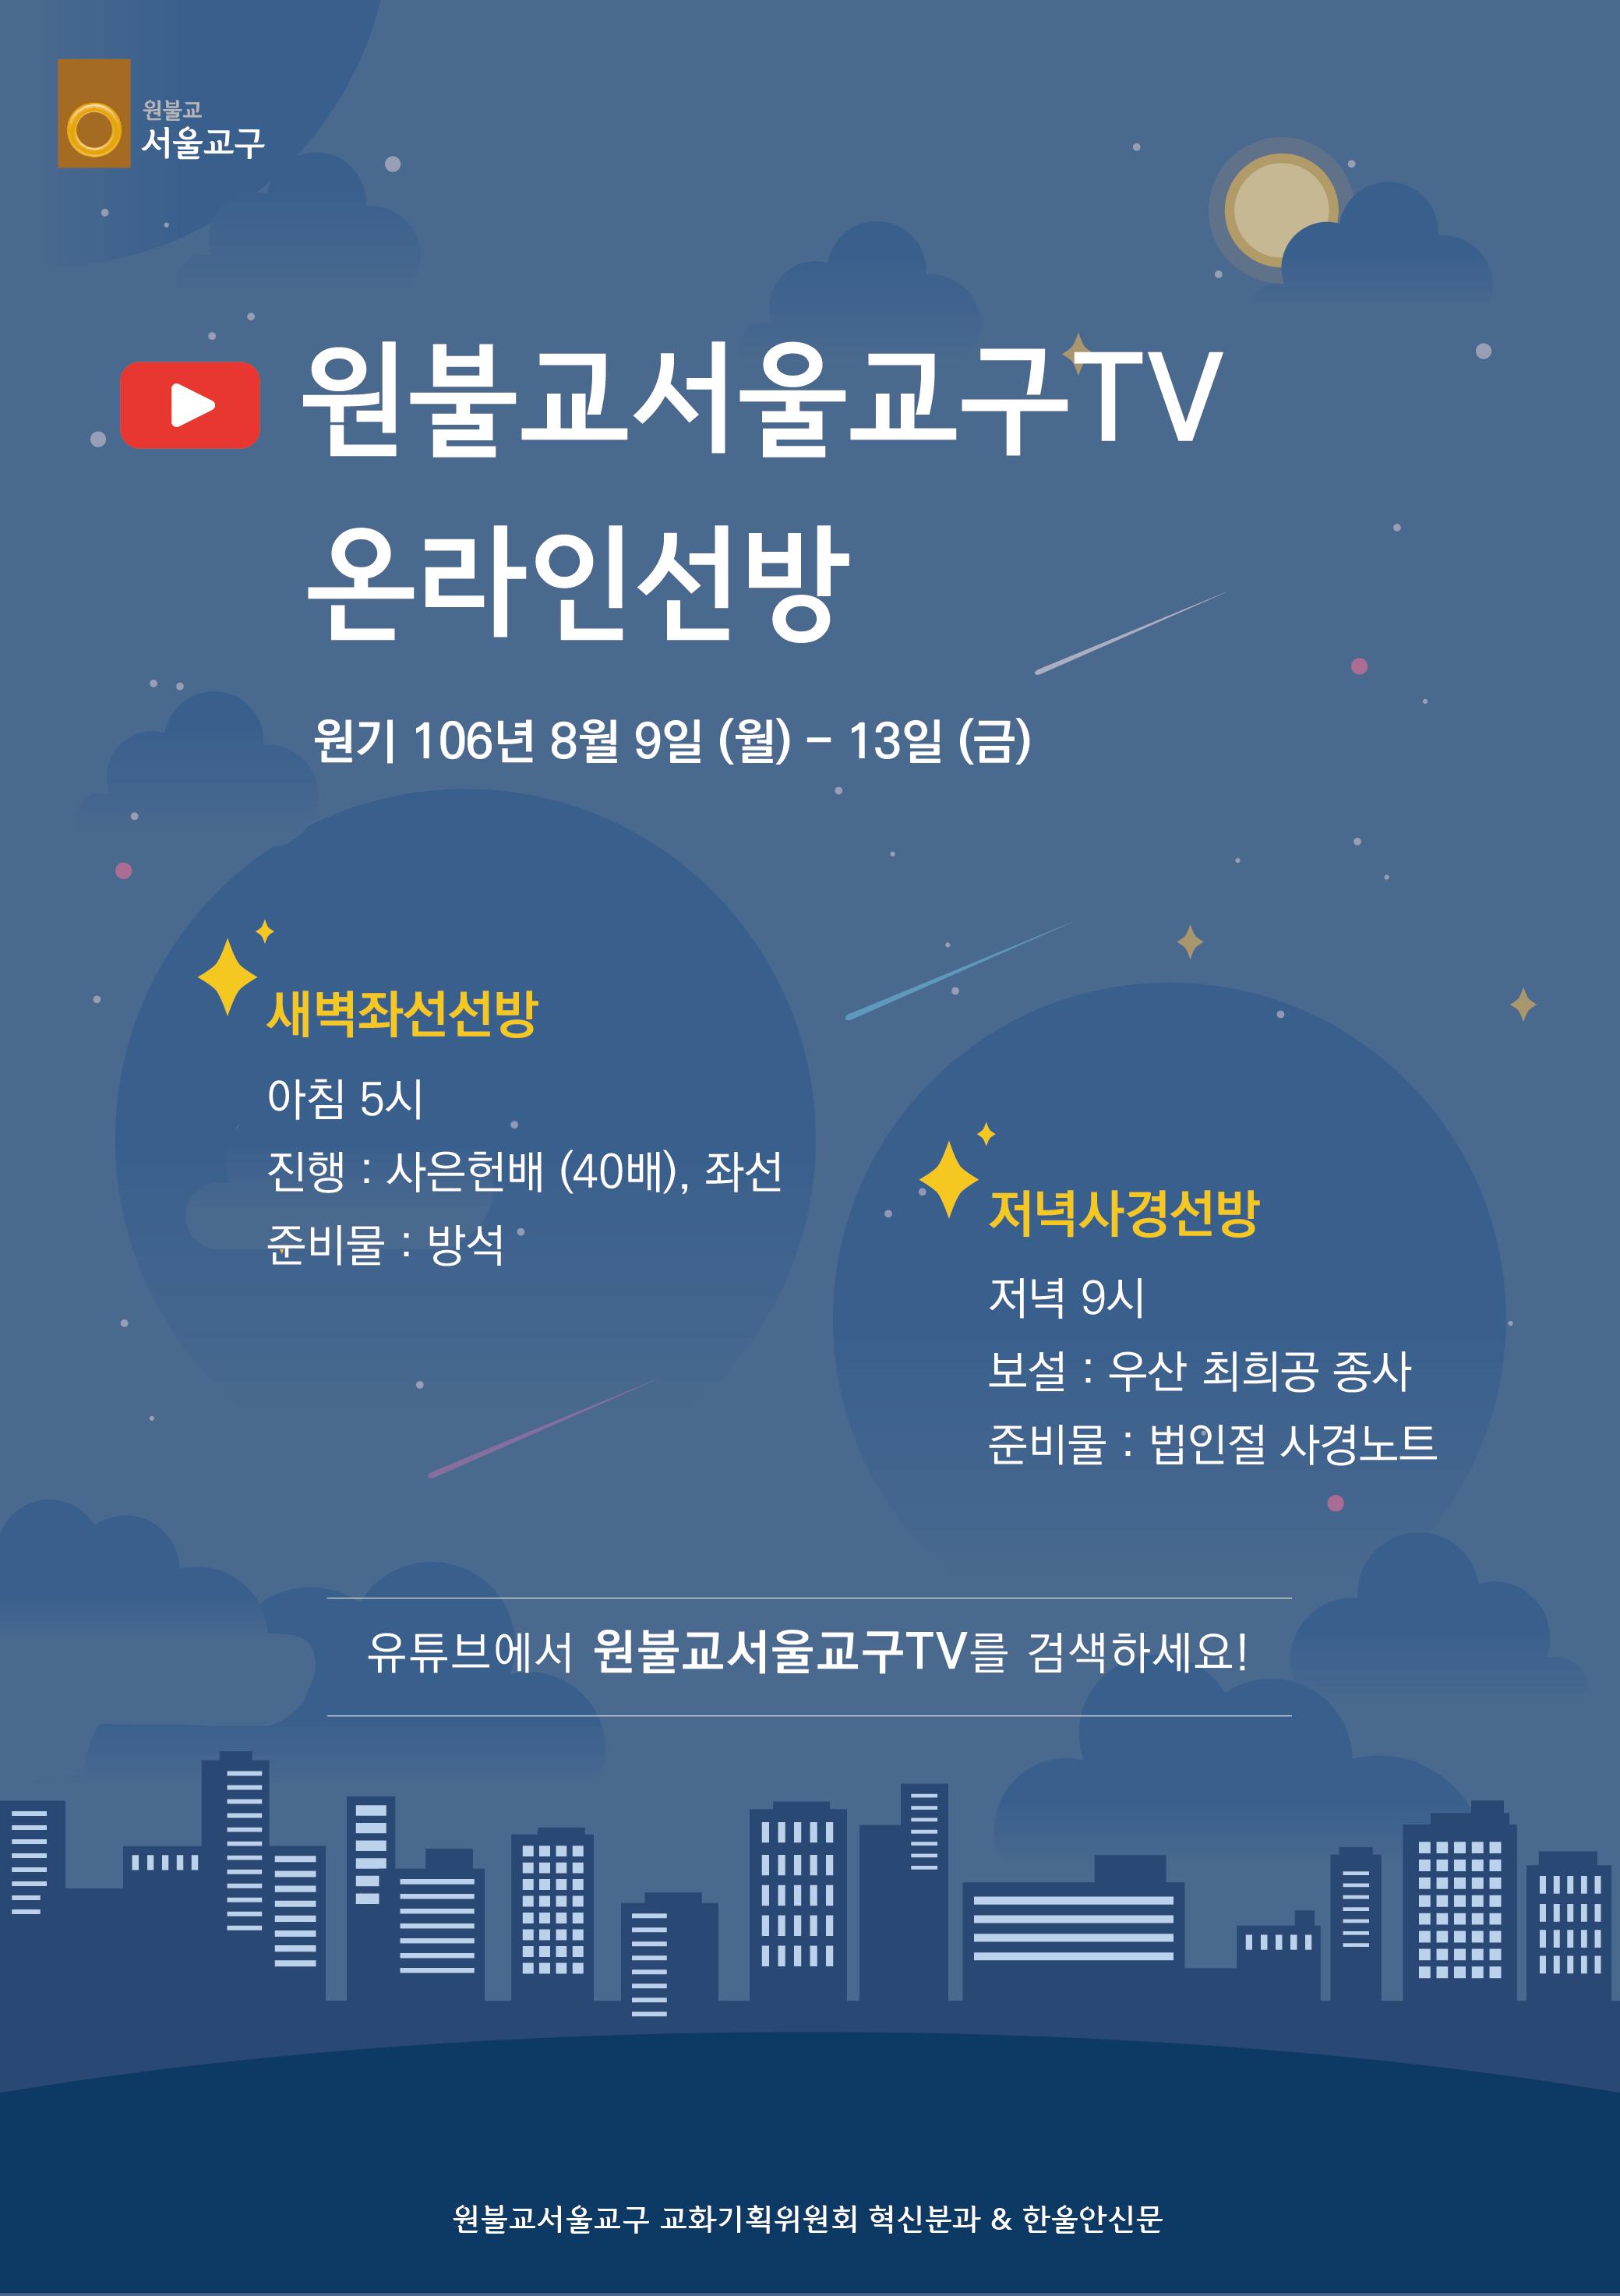 원불교서울교구TV 온라인선방 포스터.png